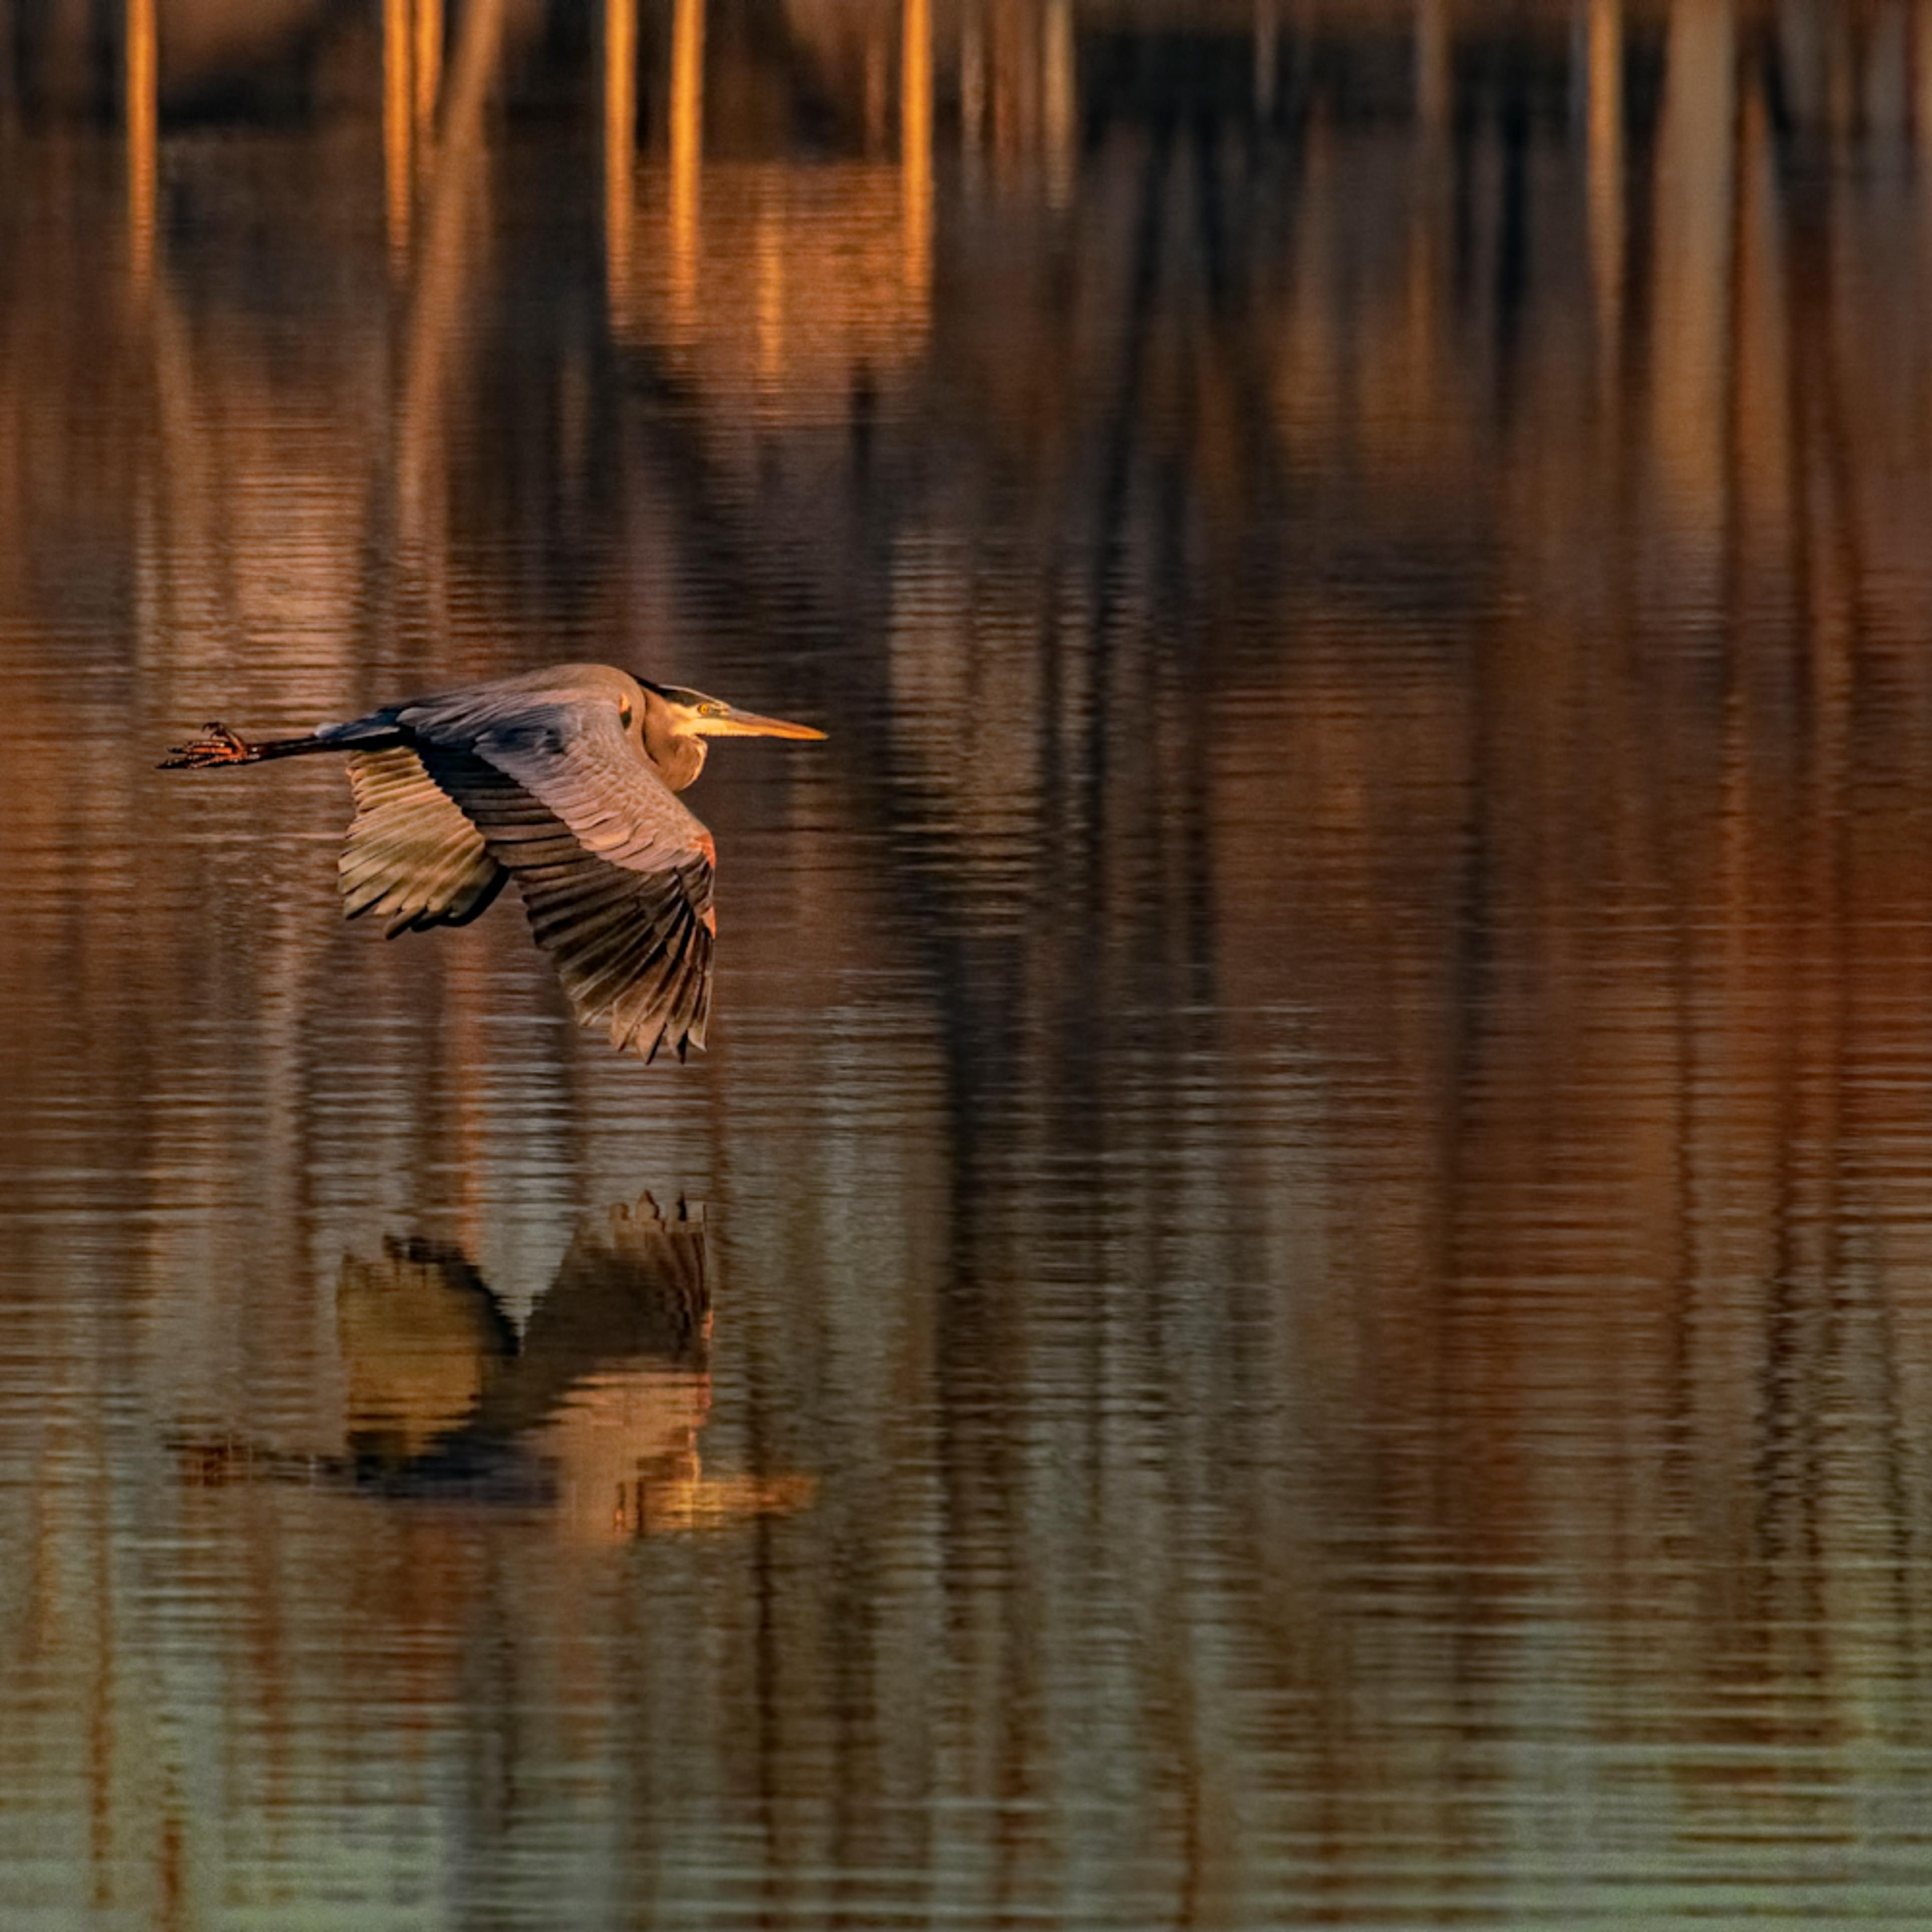 Heronflying kellogglake 0687 fss yczrja